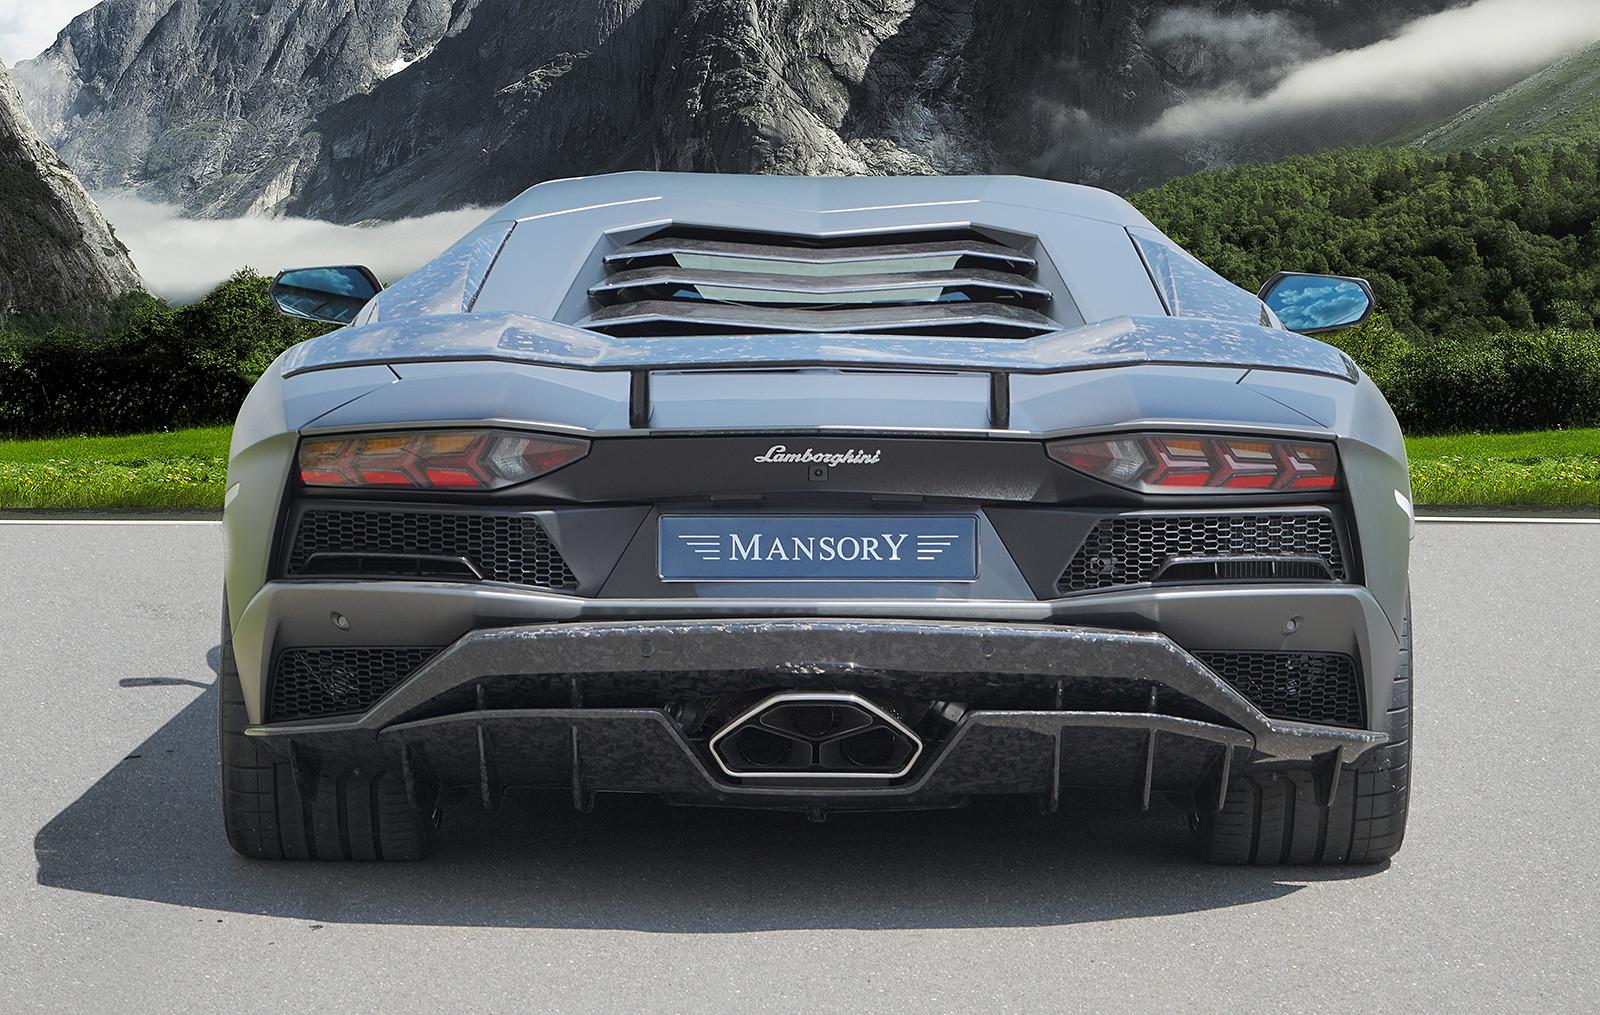 Foto de Lamborghini Aventador S Mansory (6/8)